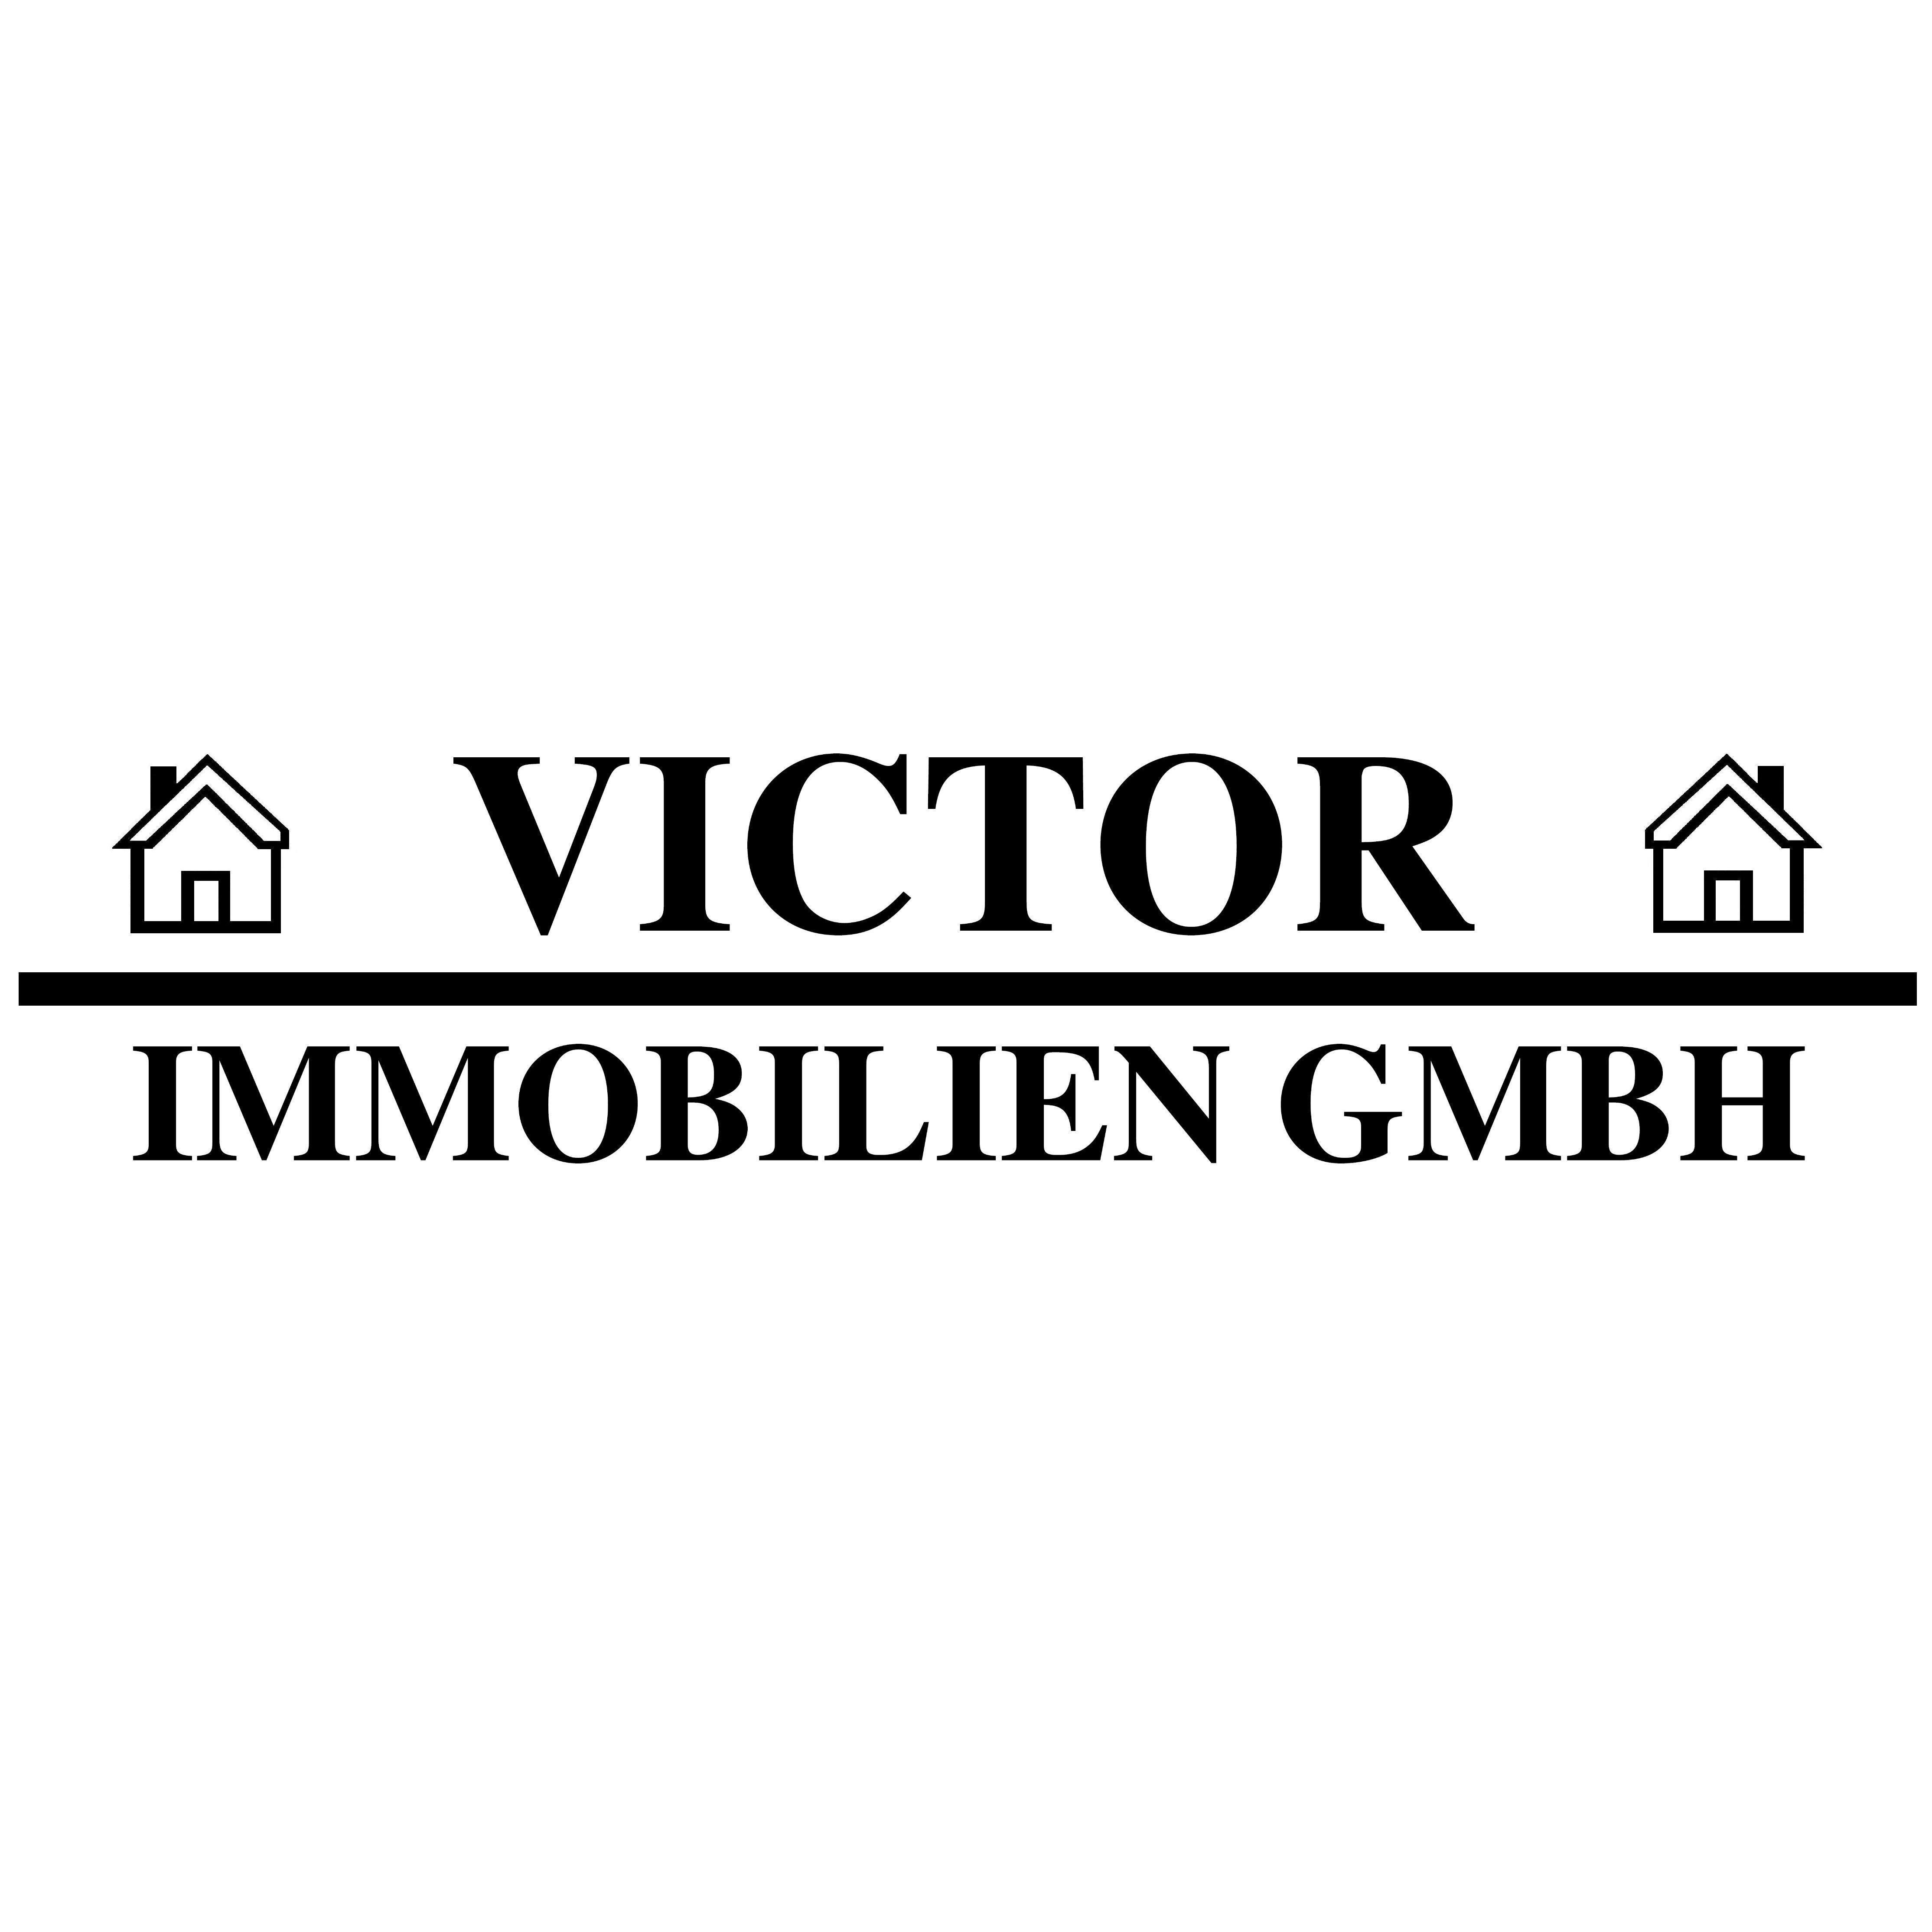 Bild zu Victor Immobilien GmbH in Neukirchen Vluyn